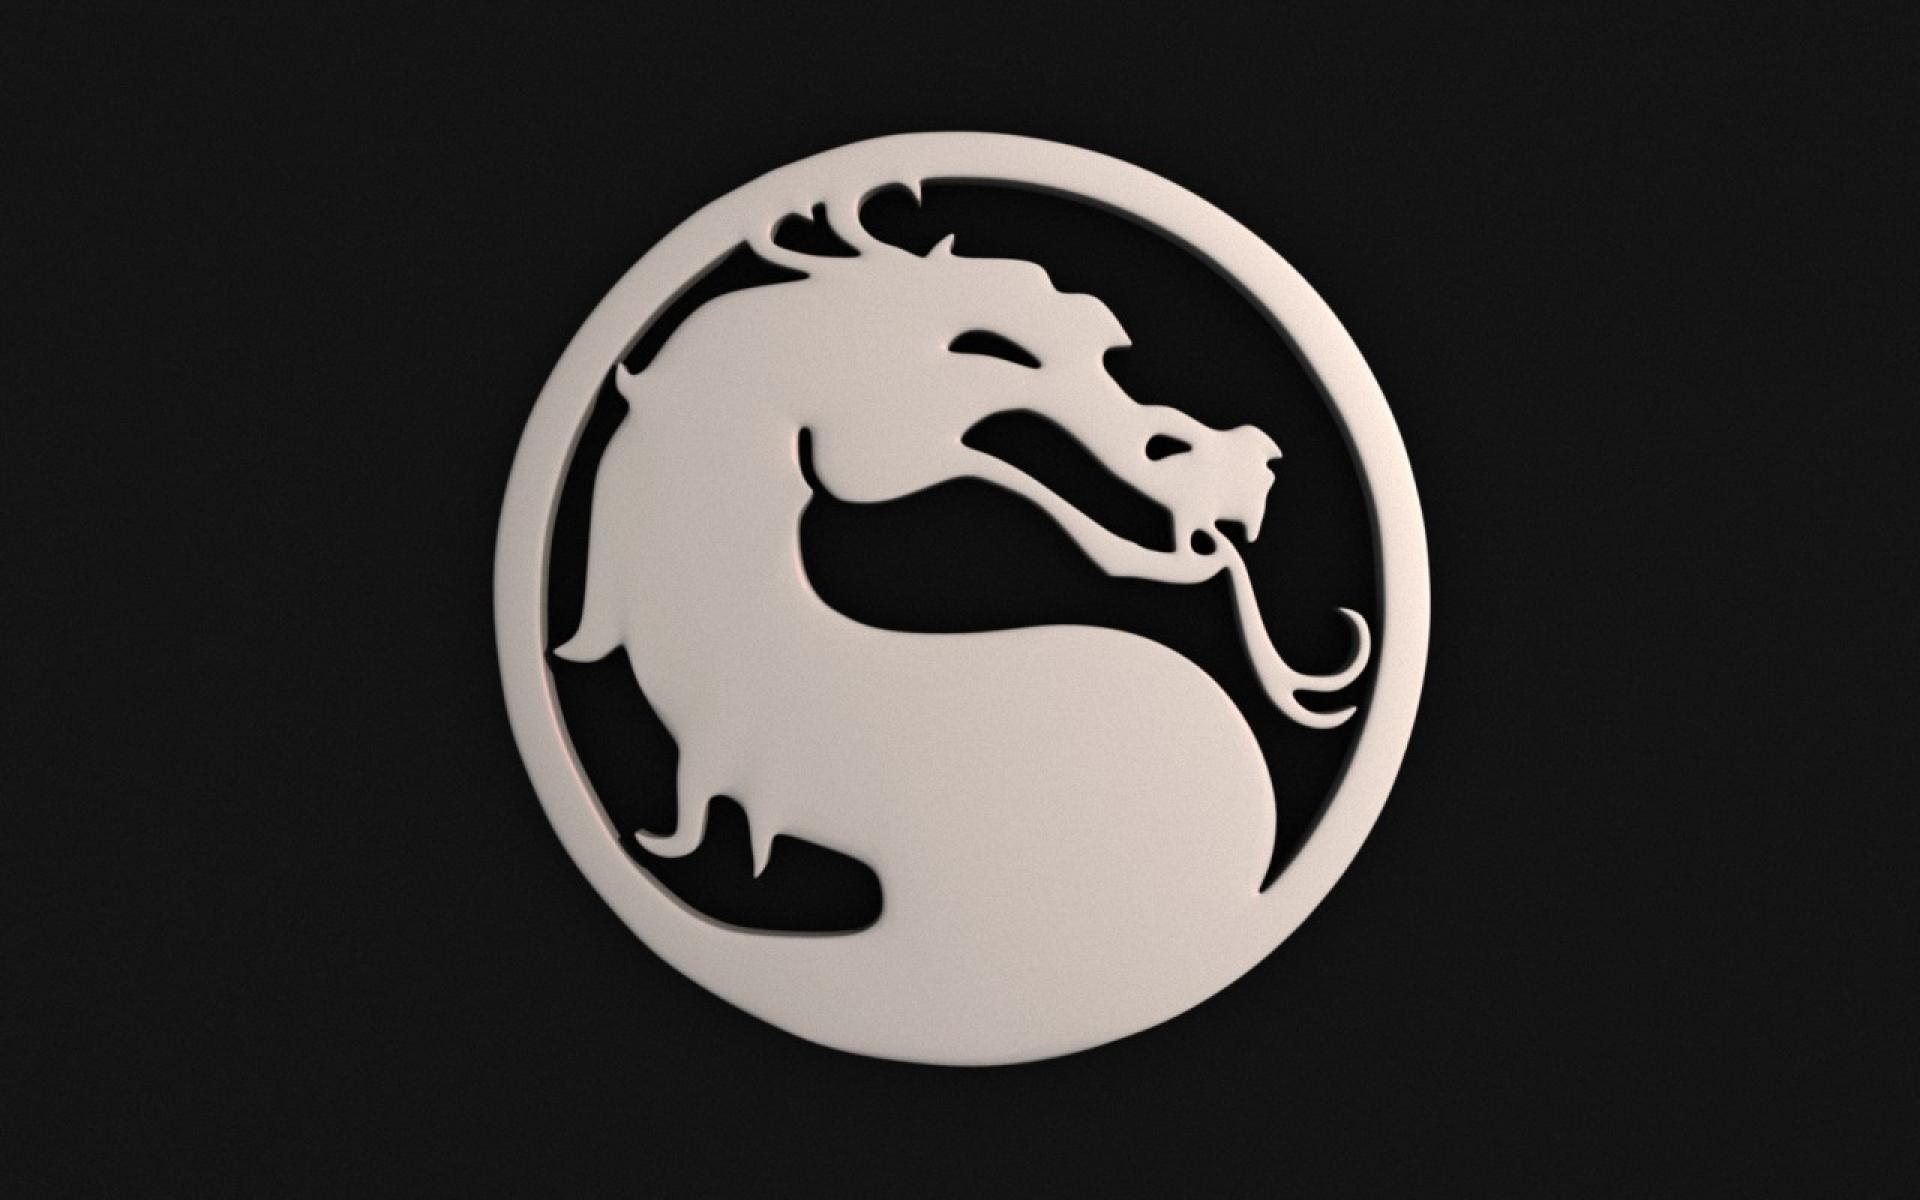 Создатели Mortal Kombat показали как создавался легендарный прием одного из бойцов